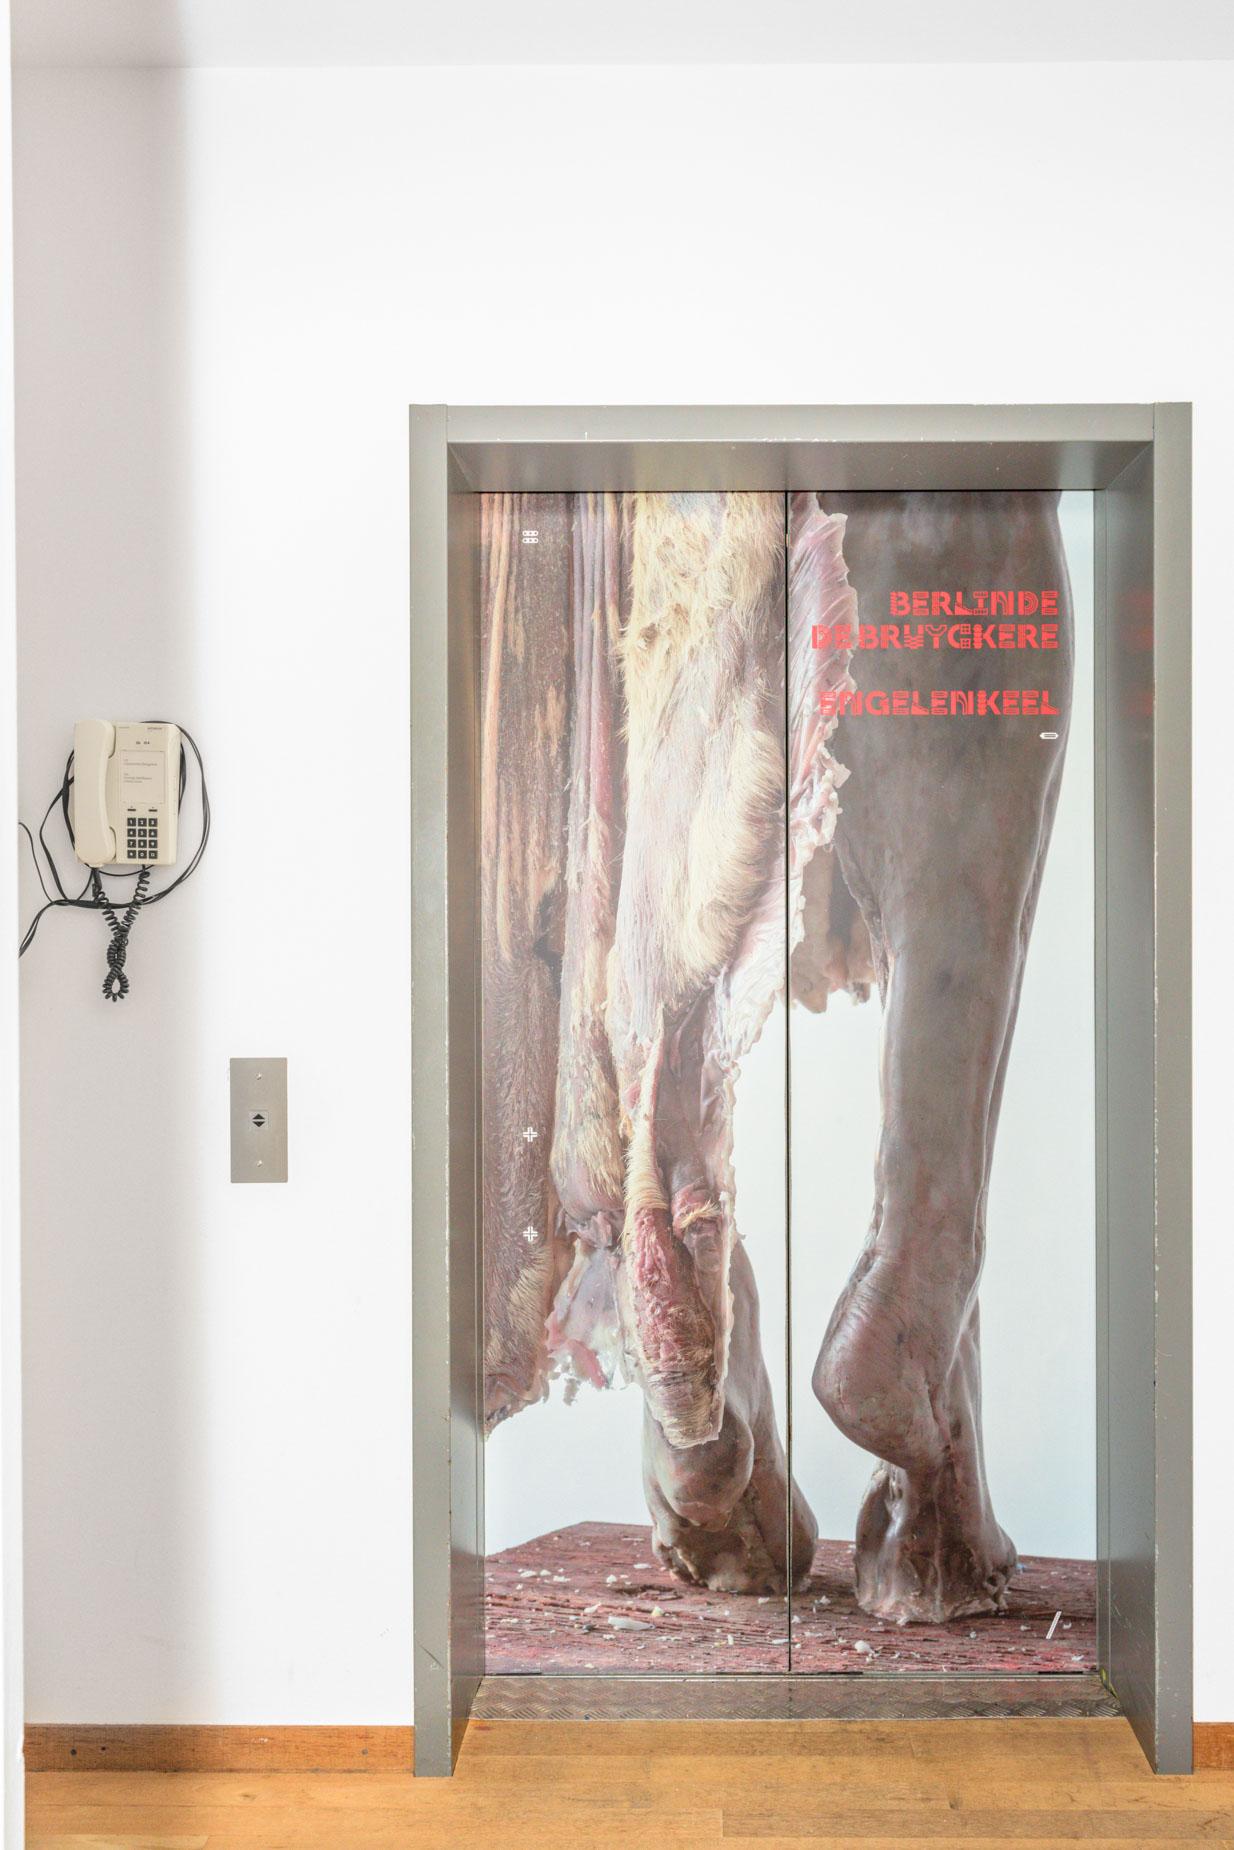 Berinde de Bruyckere voor Volkakrant Magazine | Sas Schilten fotografie